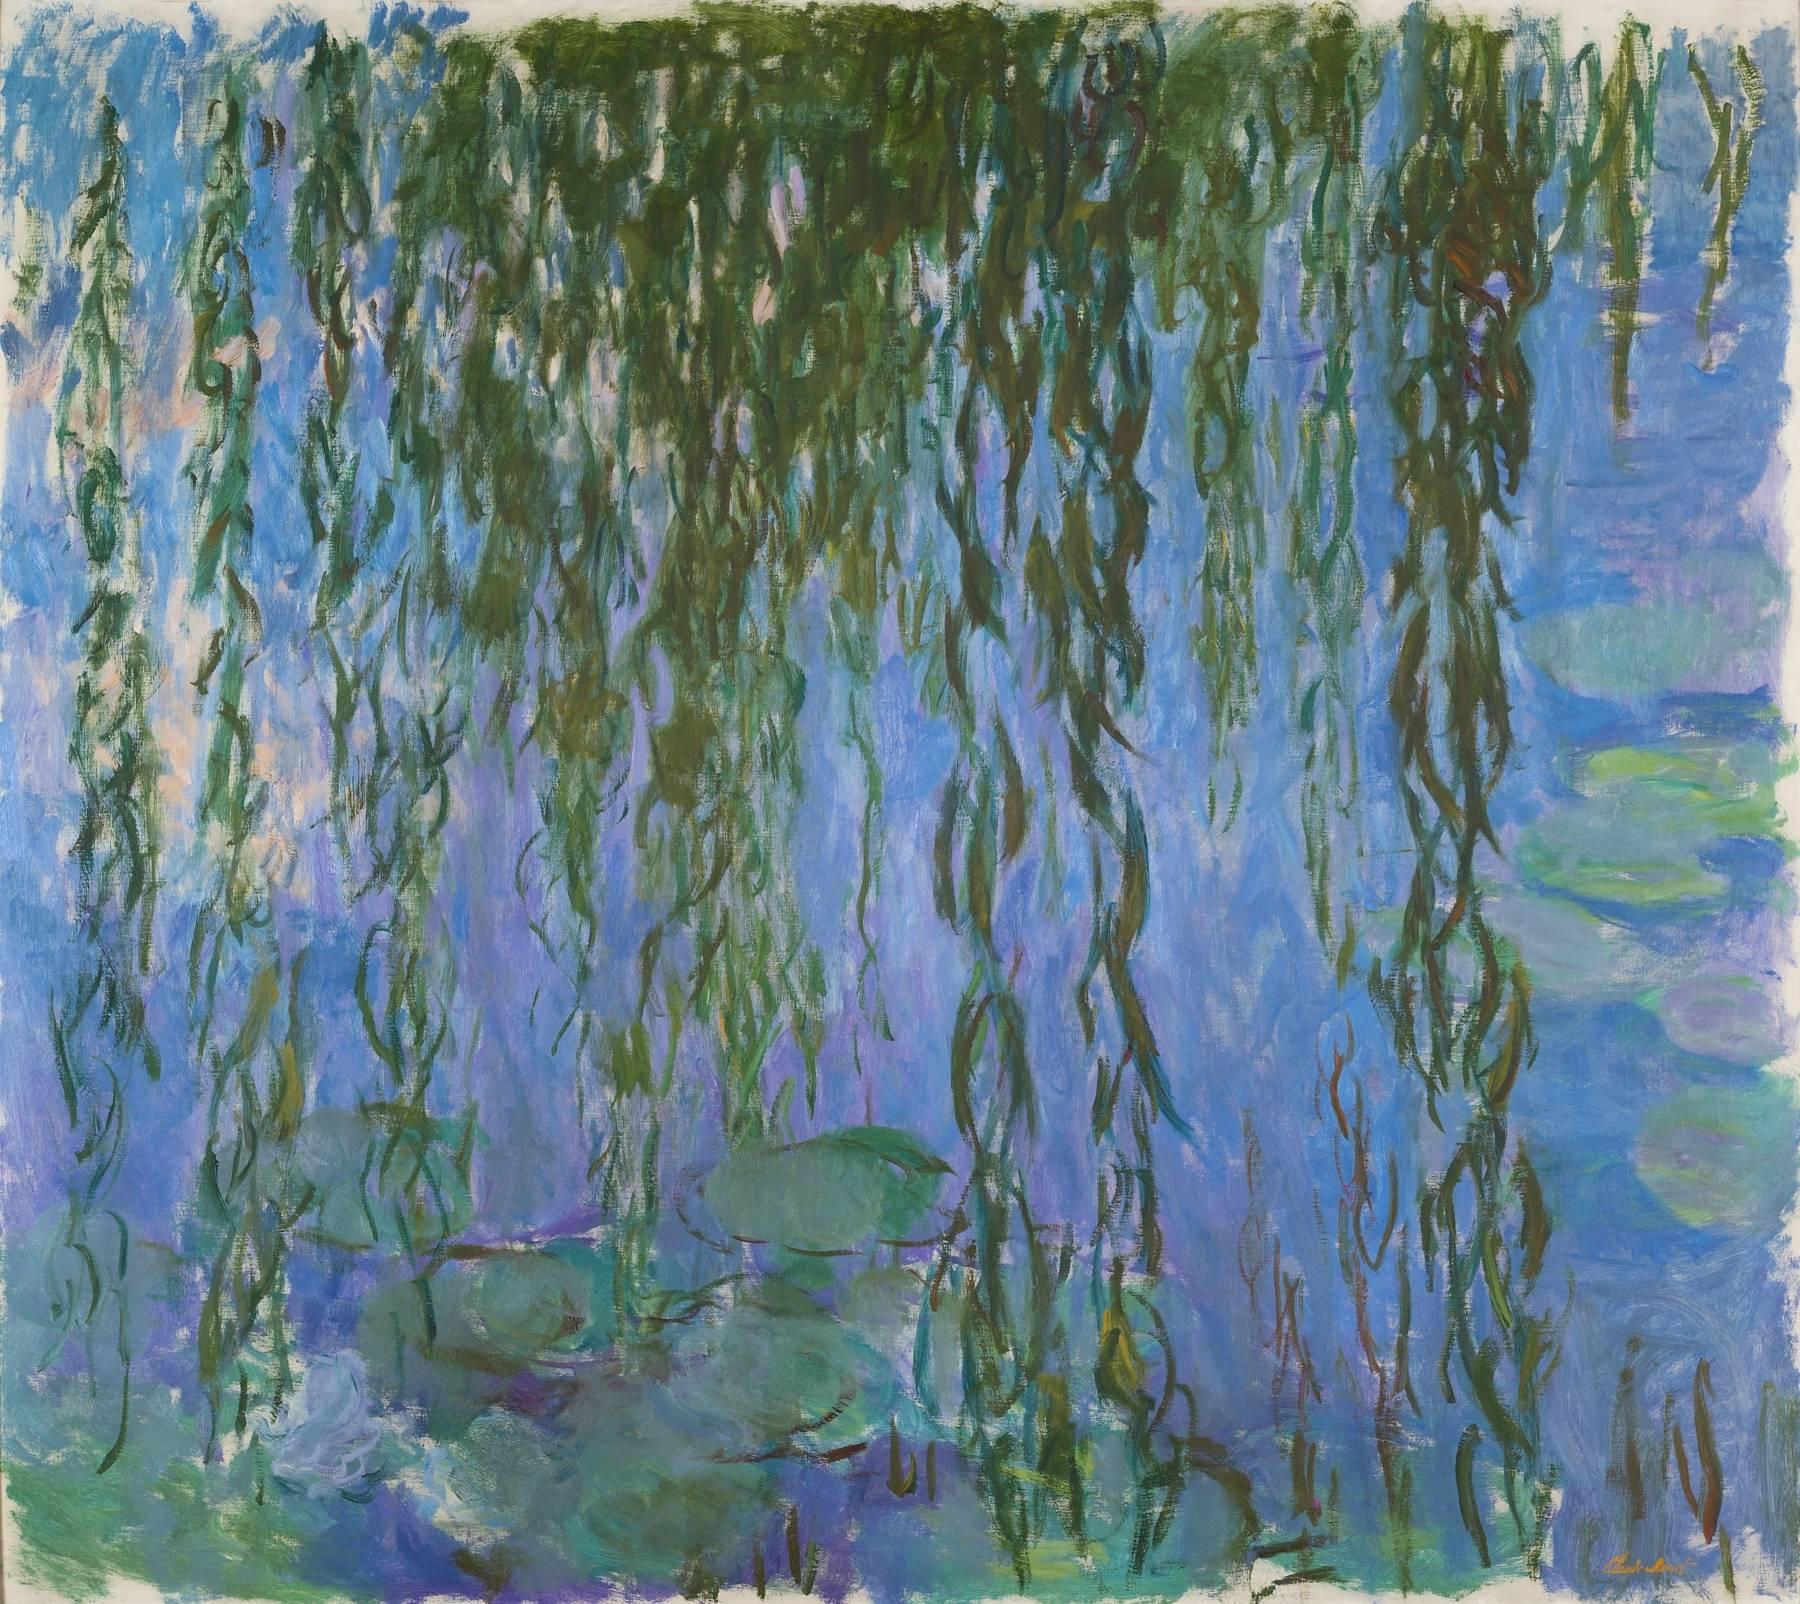 Claude Monet, Nymphéas avec rameaux de saule